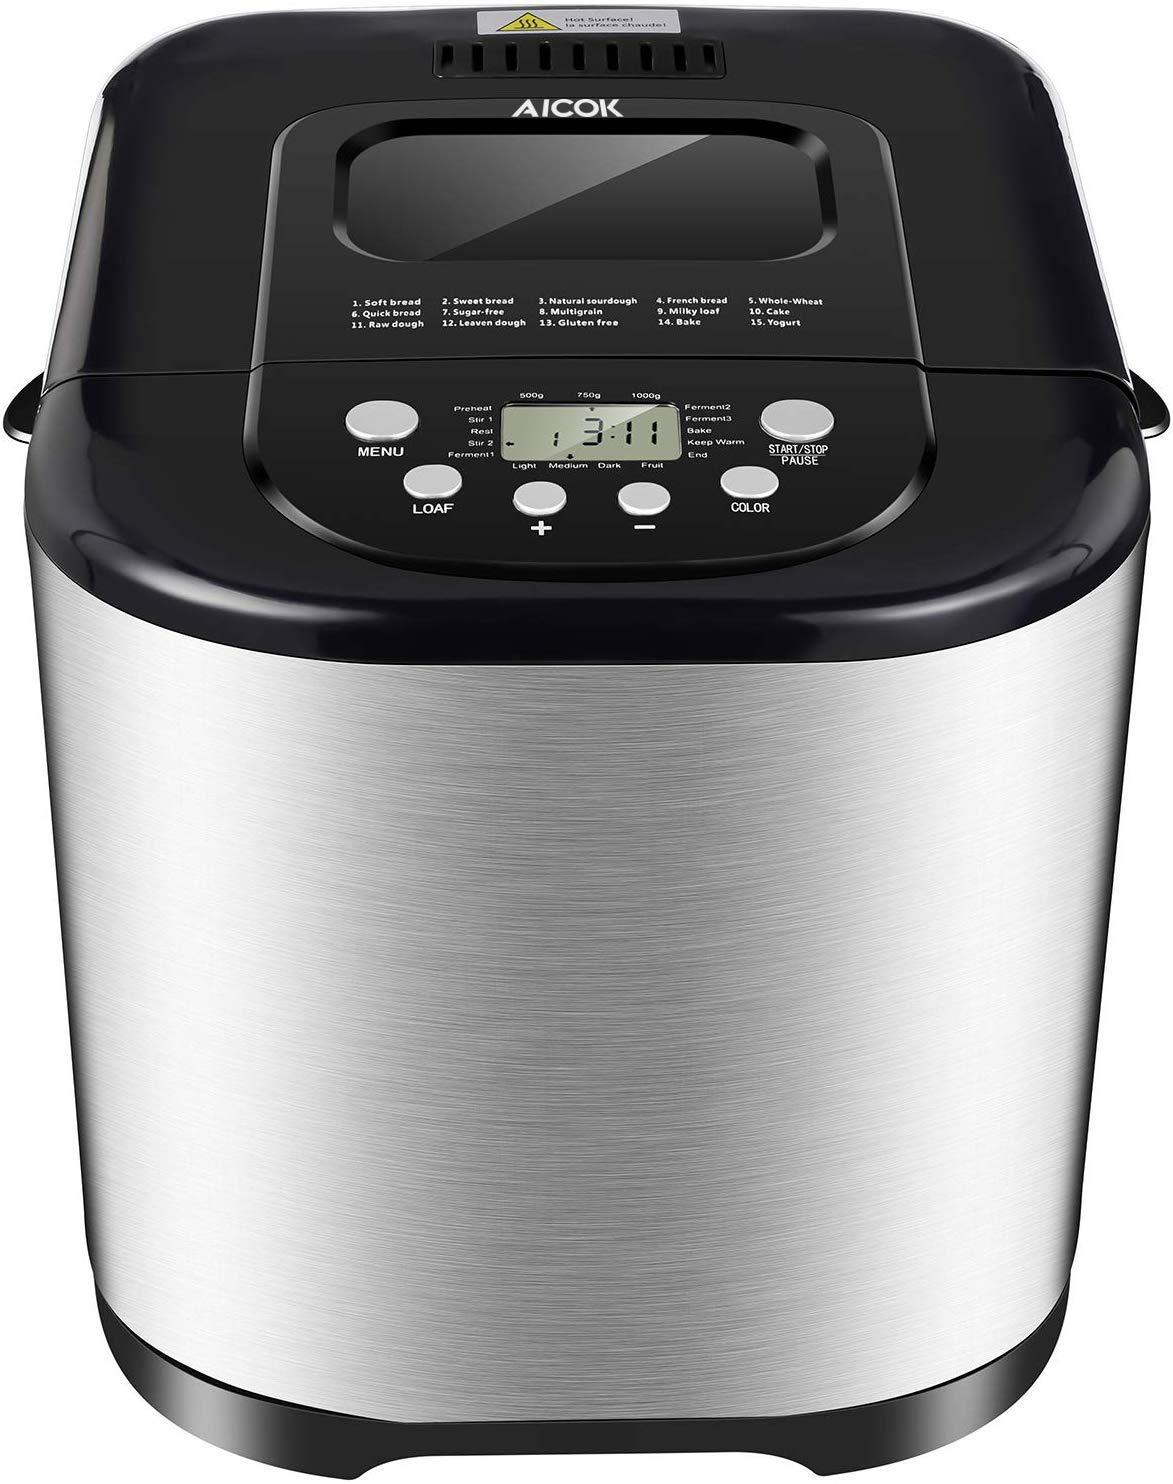 Aicok - Máquina para hacer pan Elegante: Amazon.es: Hogar